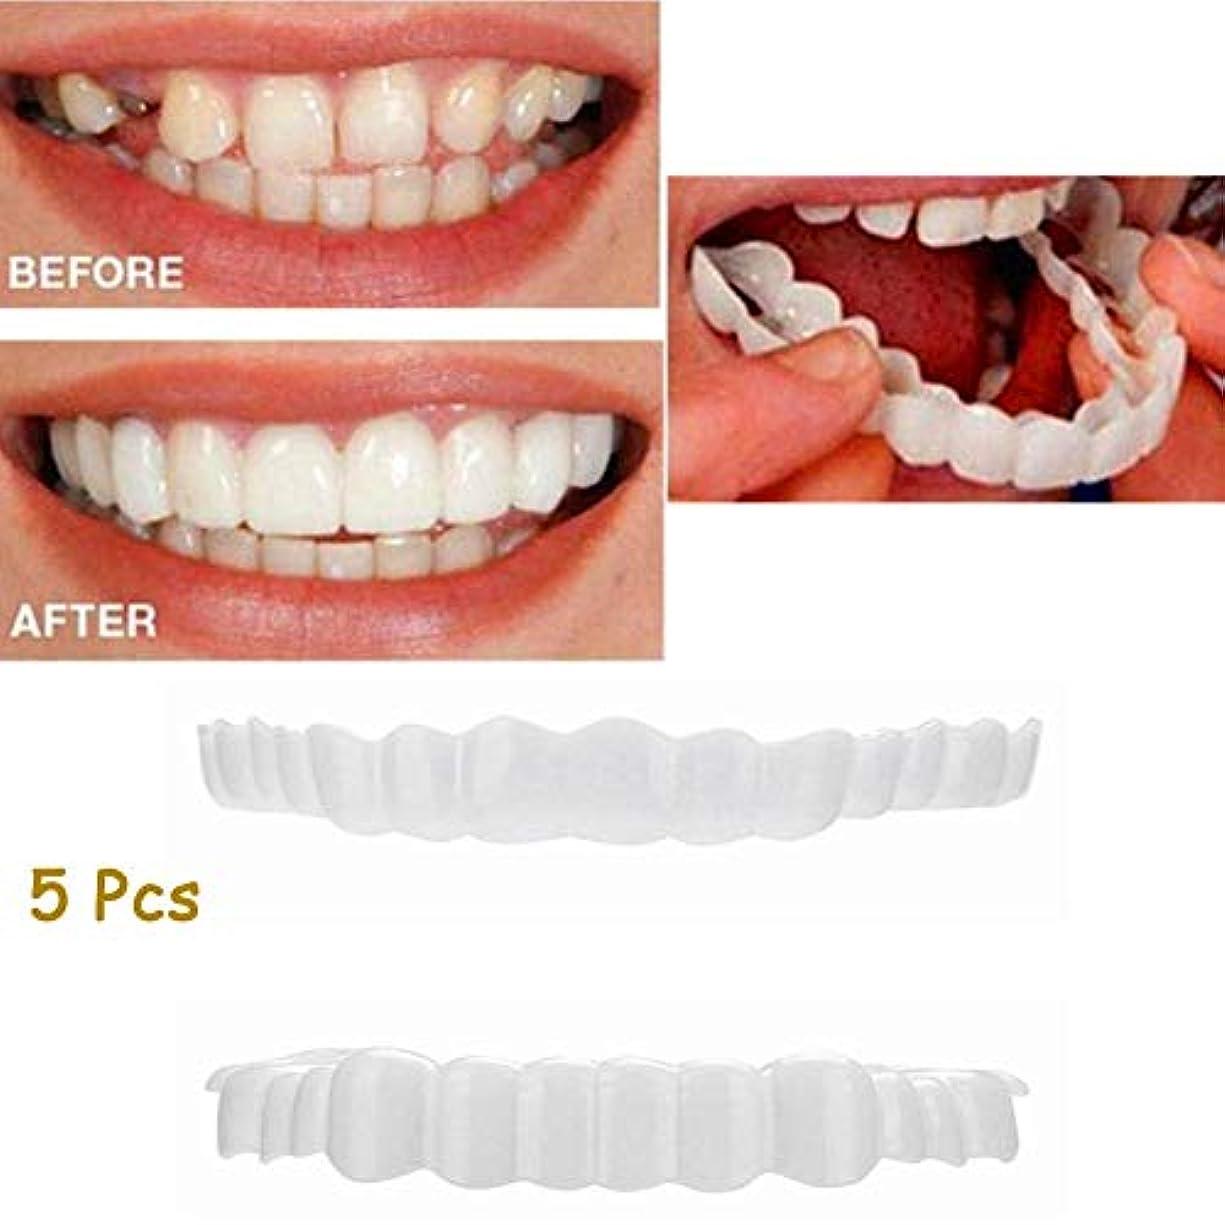 レベルマオリ捕虜5ピース上歯+下歯セットインスタントパーフェクトコンフォートフィットフレックス化粧品歯入れ歯歯ホワイトニングスマイルフェイク歯